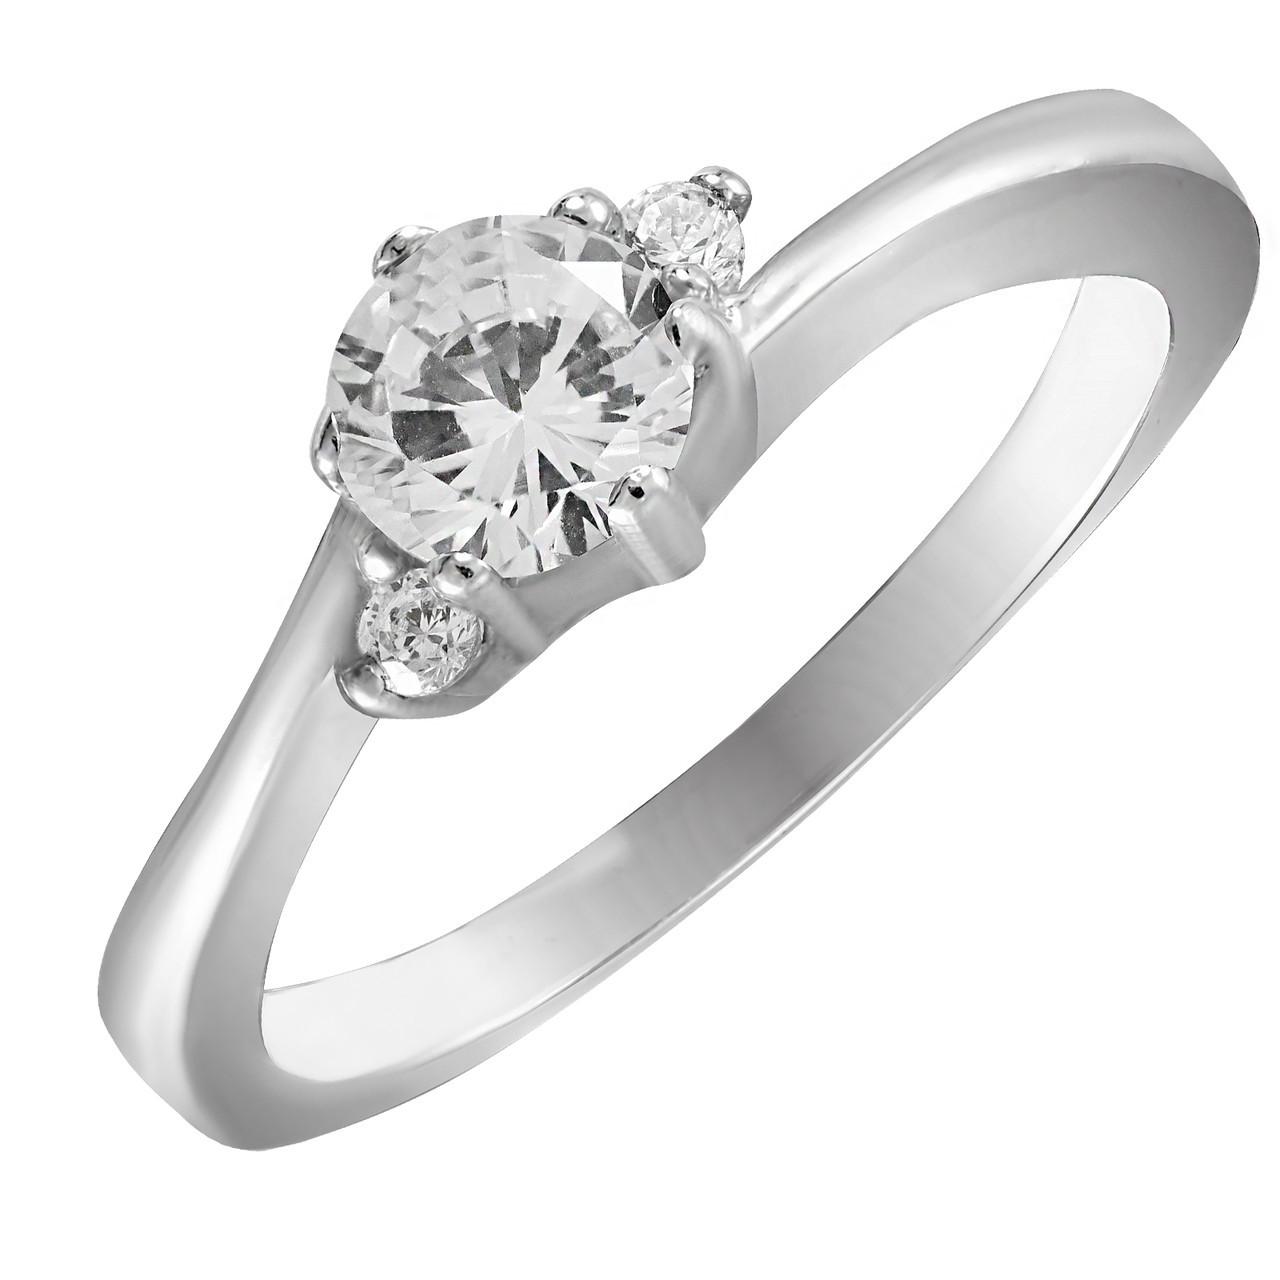 Кольцо из серебра с кубическим цирконием Twiddle Jewelry 20.5 размер (К019-20.5)